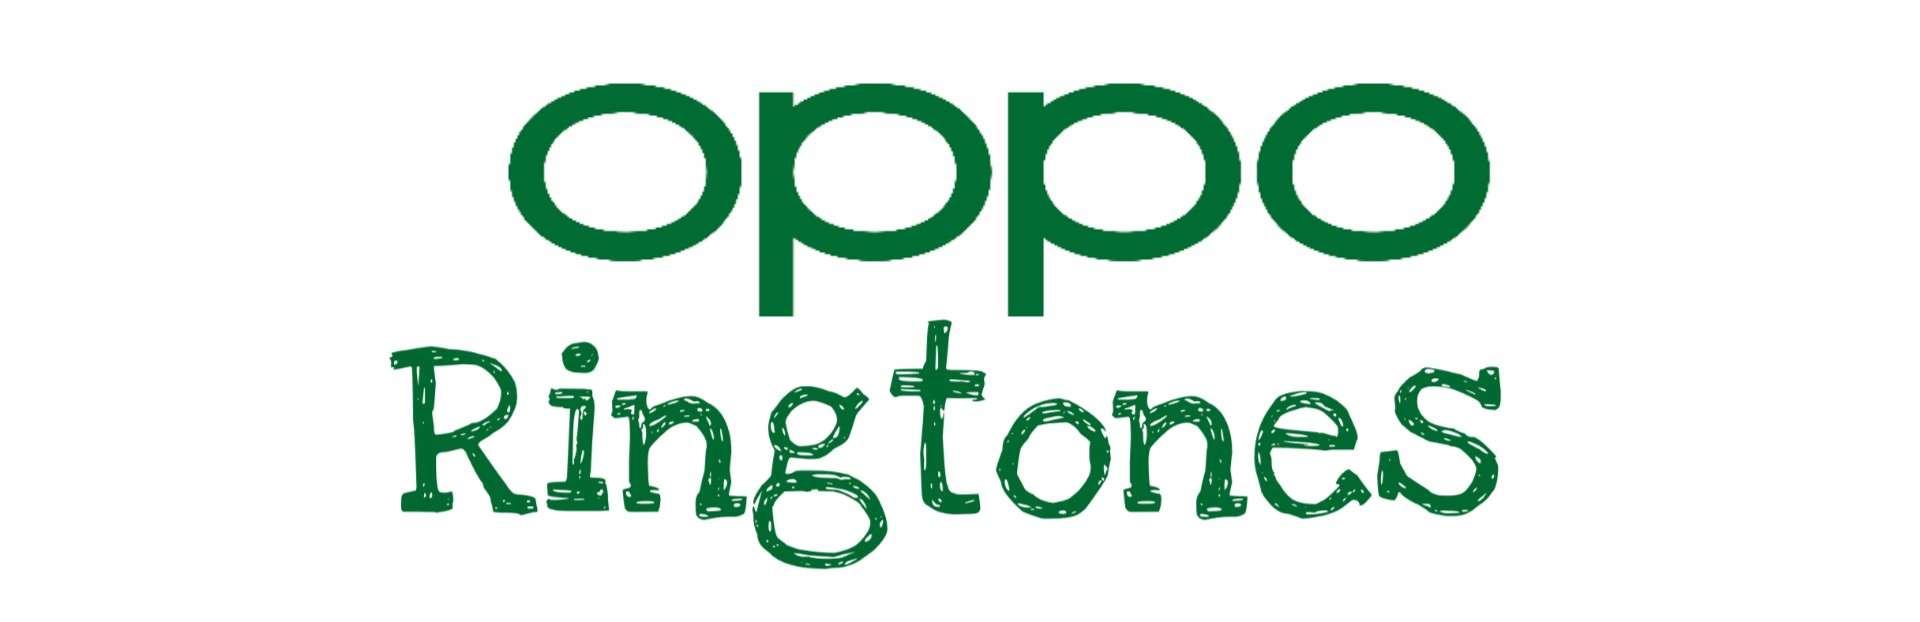 Oppo Mp3 Ringtone Download